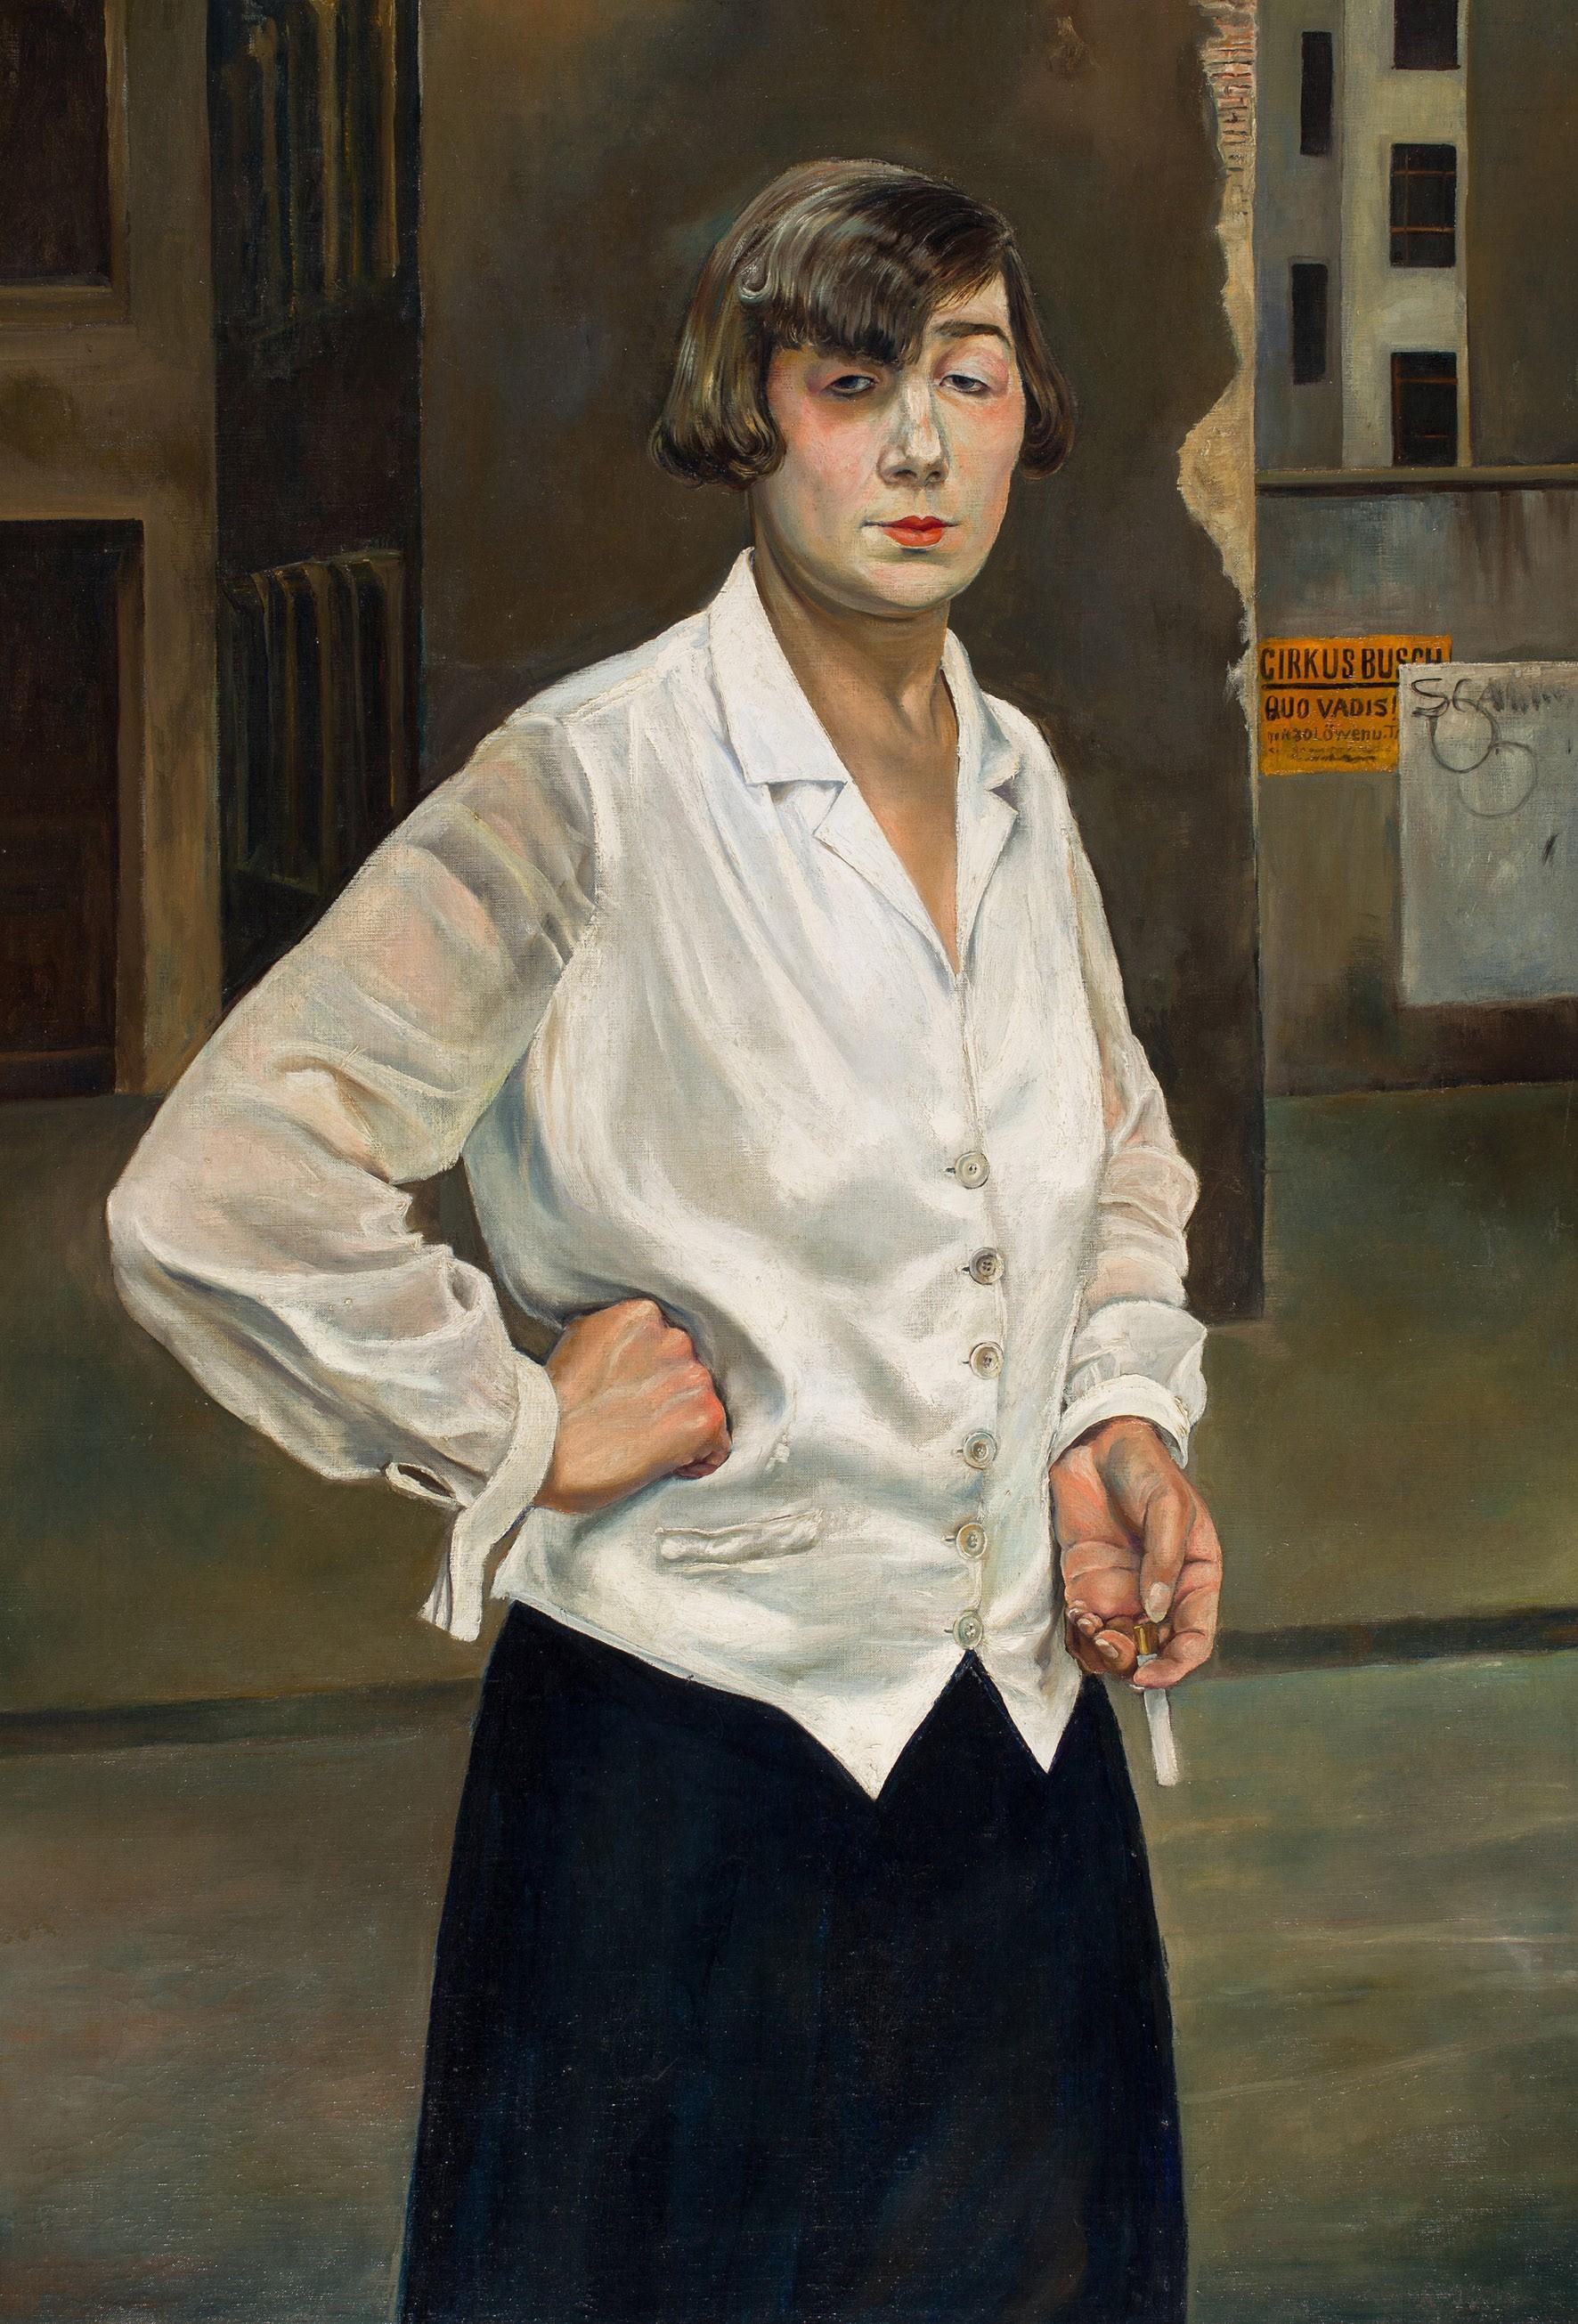 Rudolf Schlichter, Margot, Berlin, 1924, Öl auf Leinwand, 110,5 x 75 cm, Stadtmuseum Berlin, © Viola Roehr von Alvensleben, München, Foto: Michael Setzpfandt, Berlin